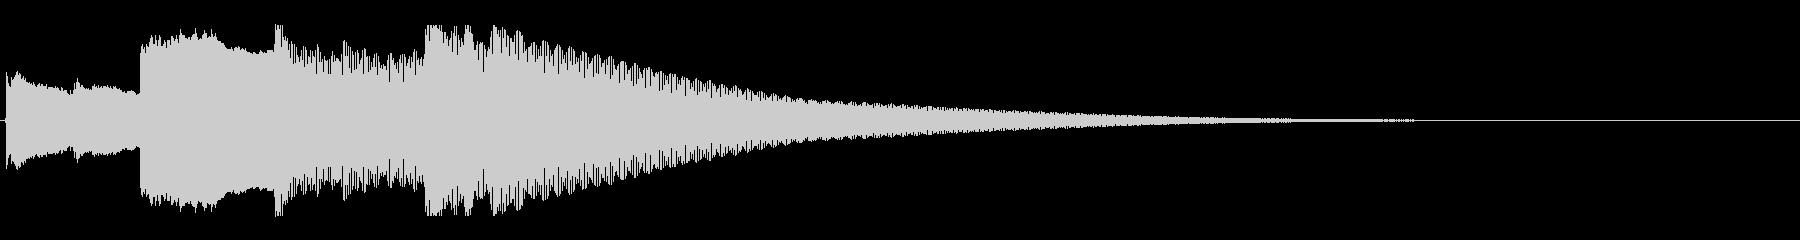 アナウンス後 チャイム-5_rev-2の未再生の波形